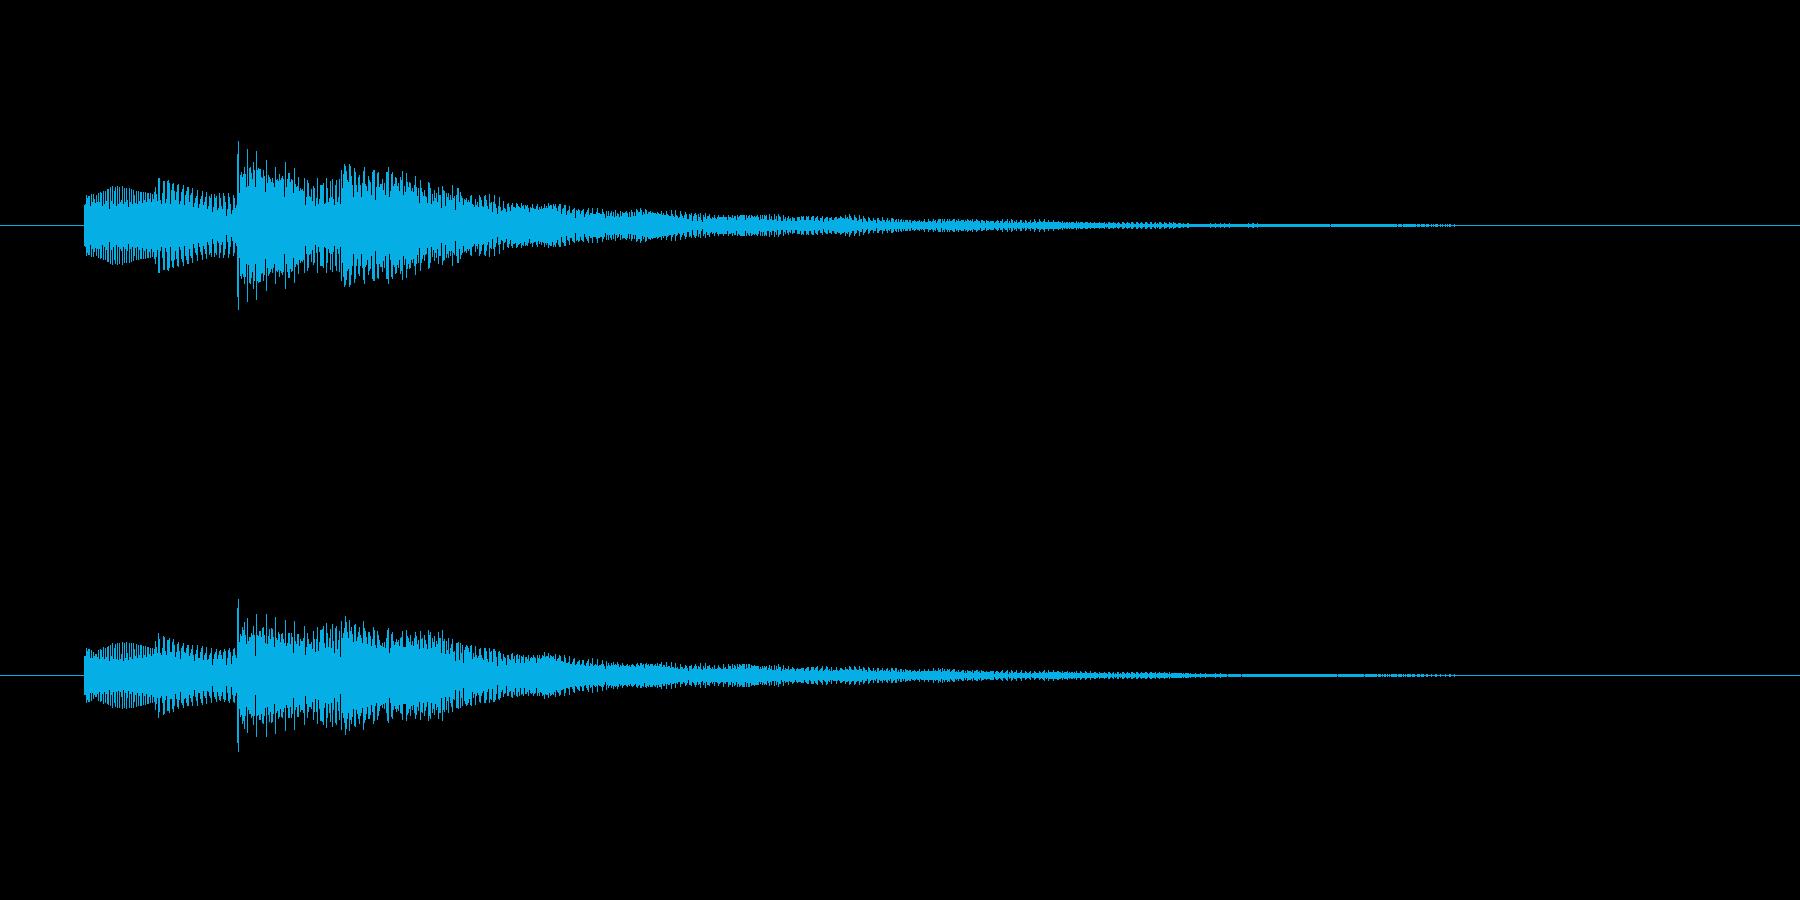 タタタタンターン(しみじみした感情)の再生済みの波形